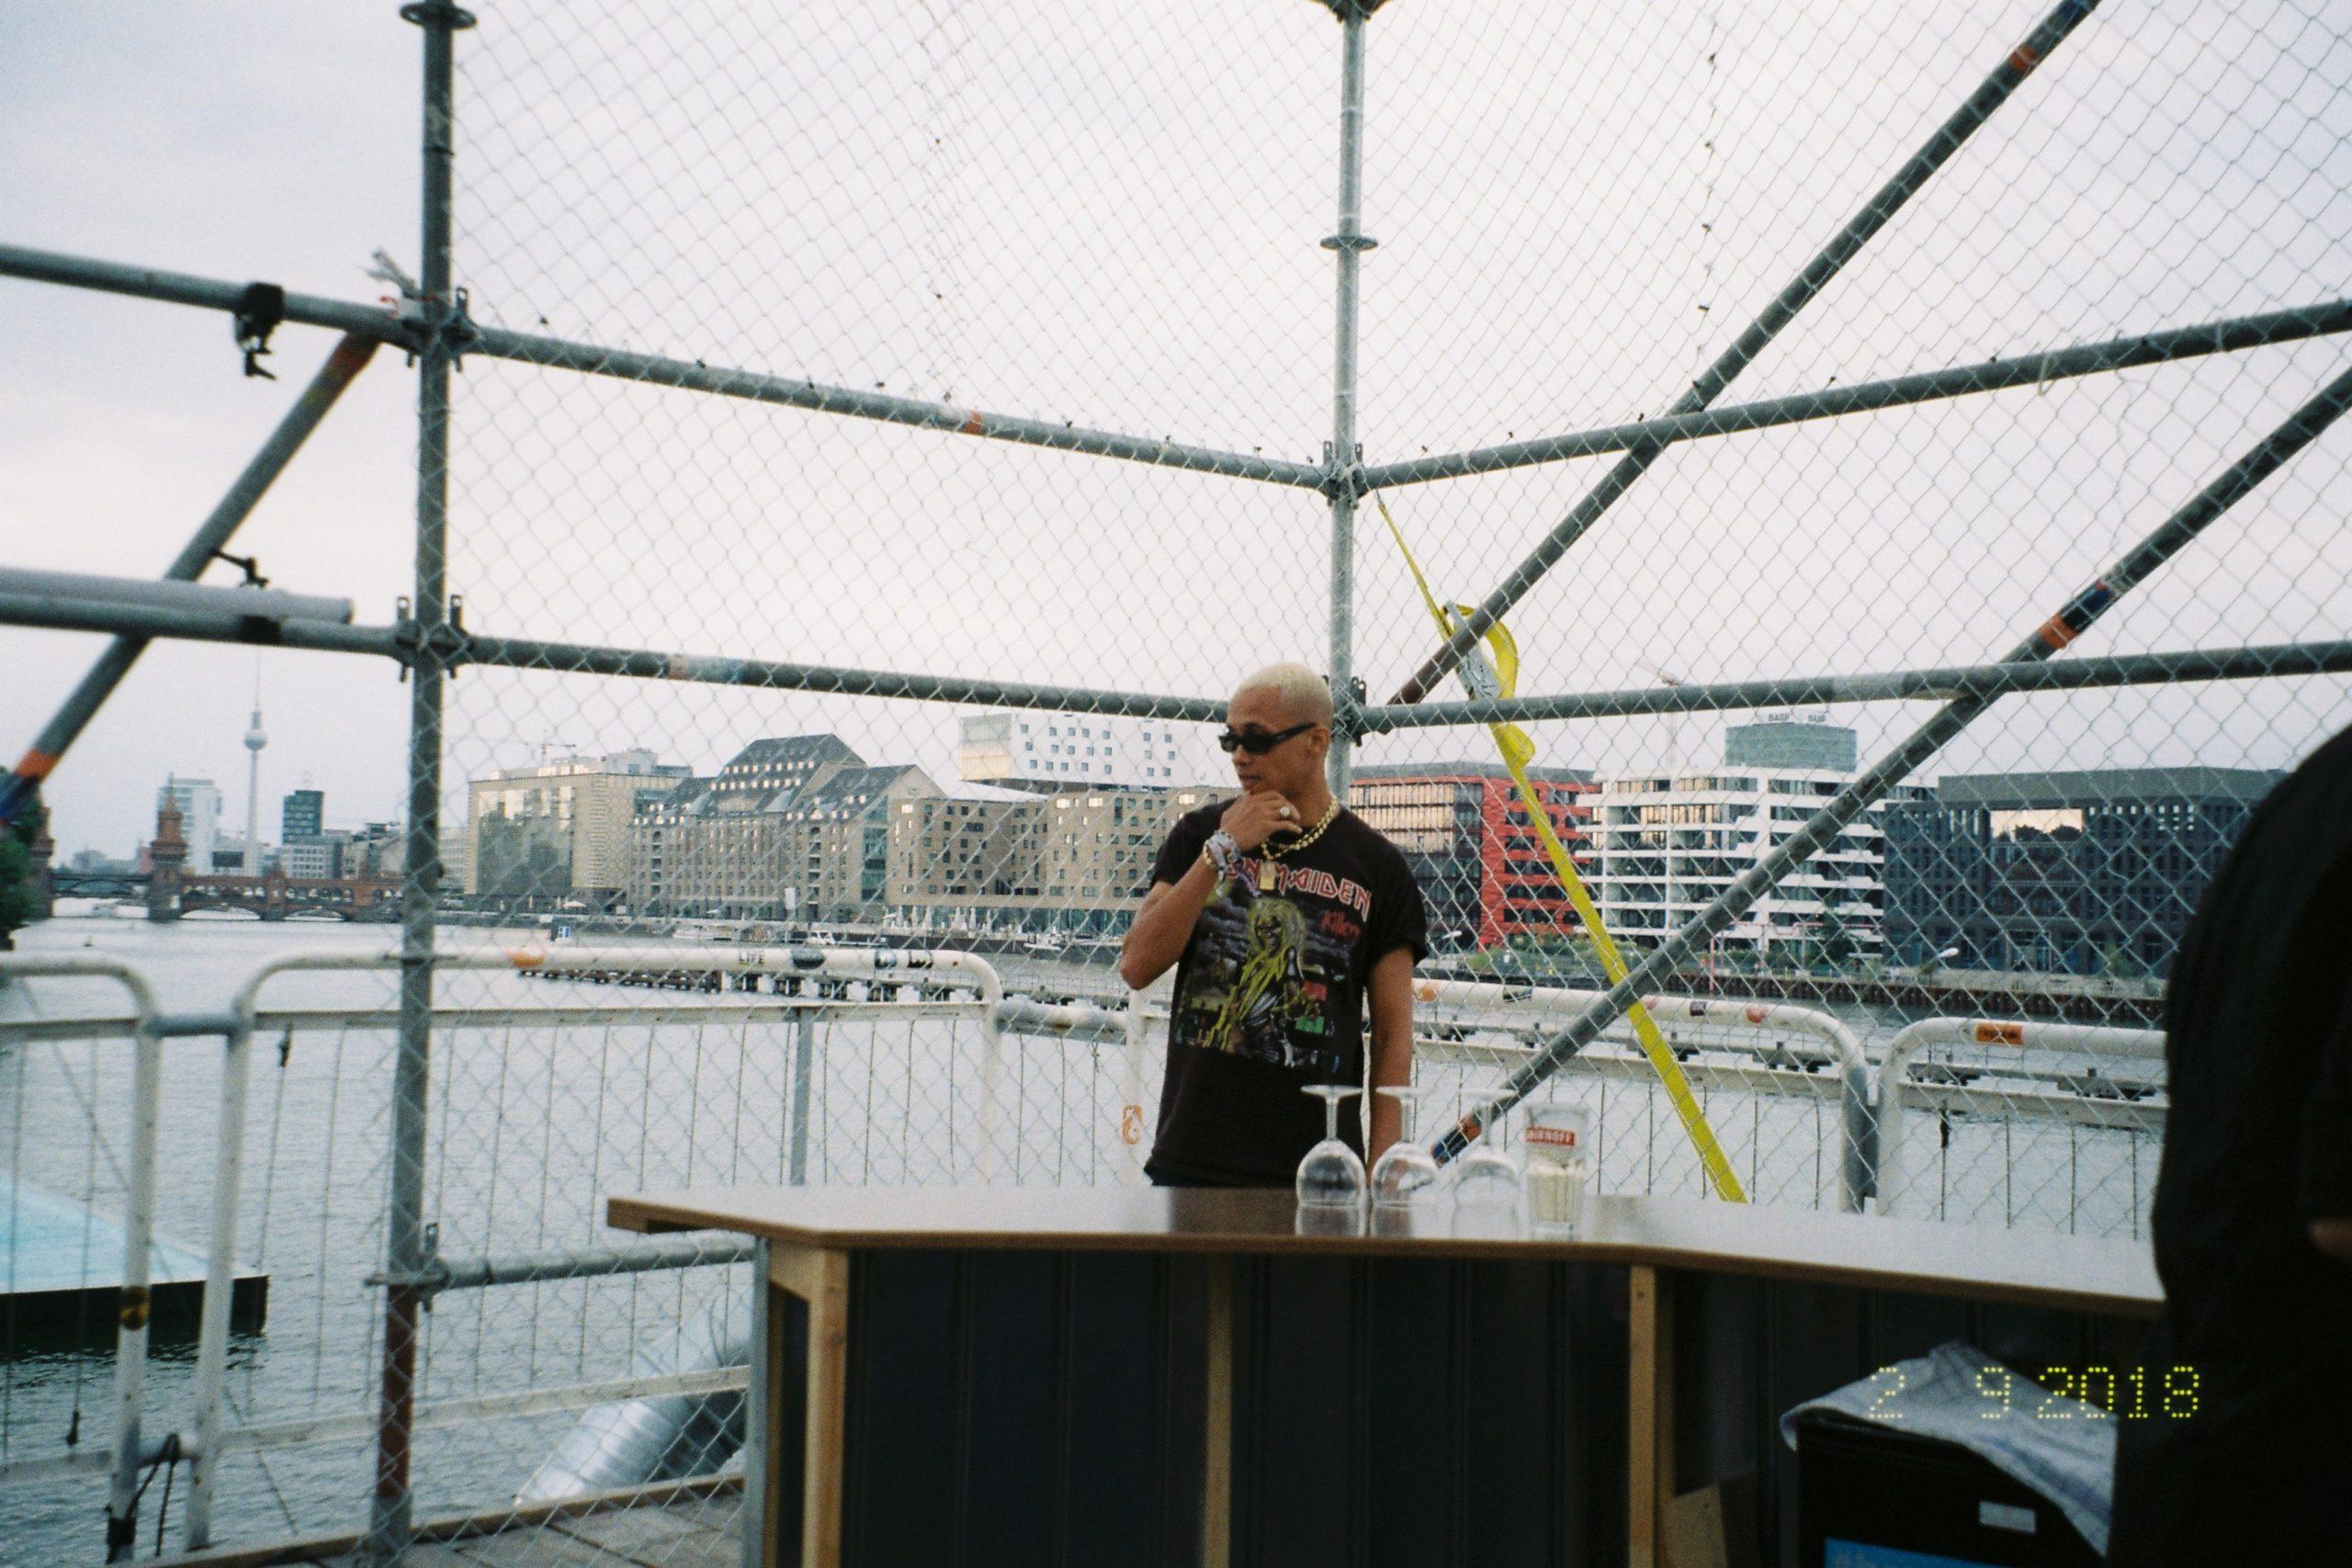 Kelvyn Colt in Berlin